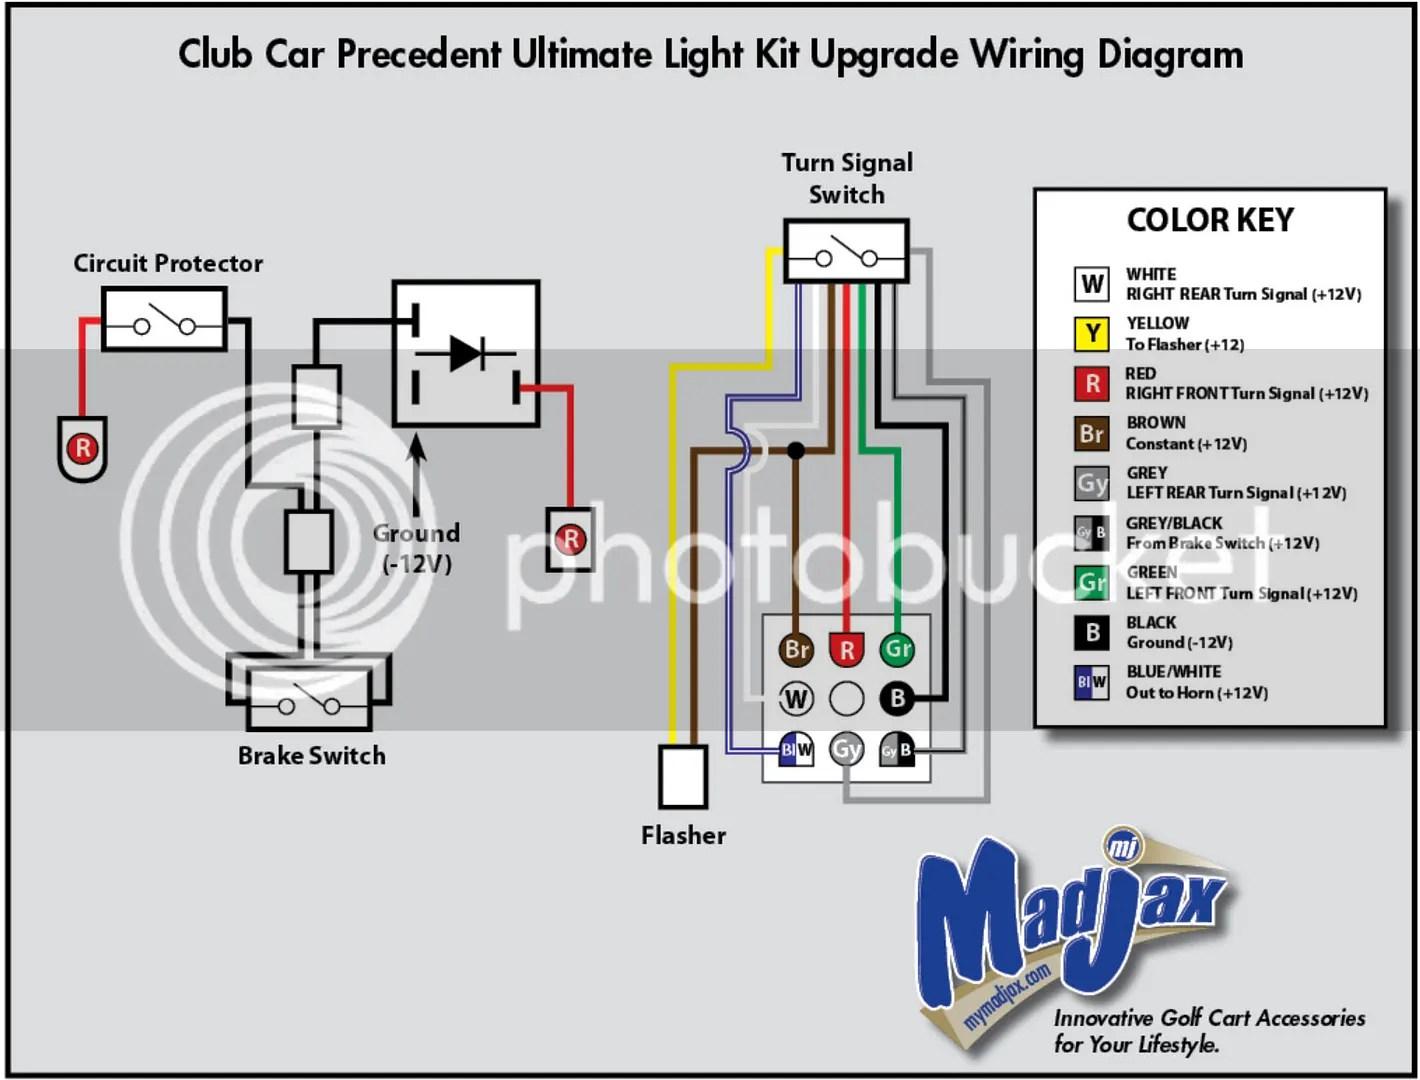 Universal Turn Signal Wiring Diagram Wiring Schematic Diagram